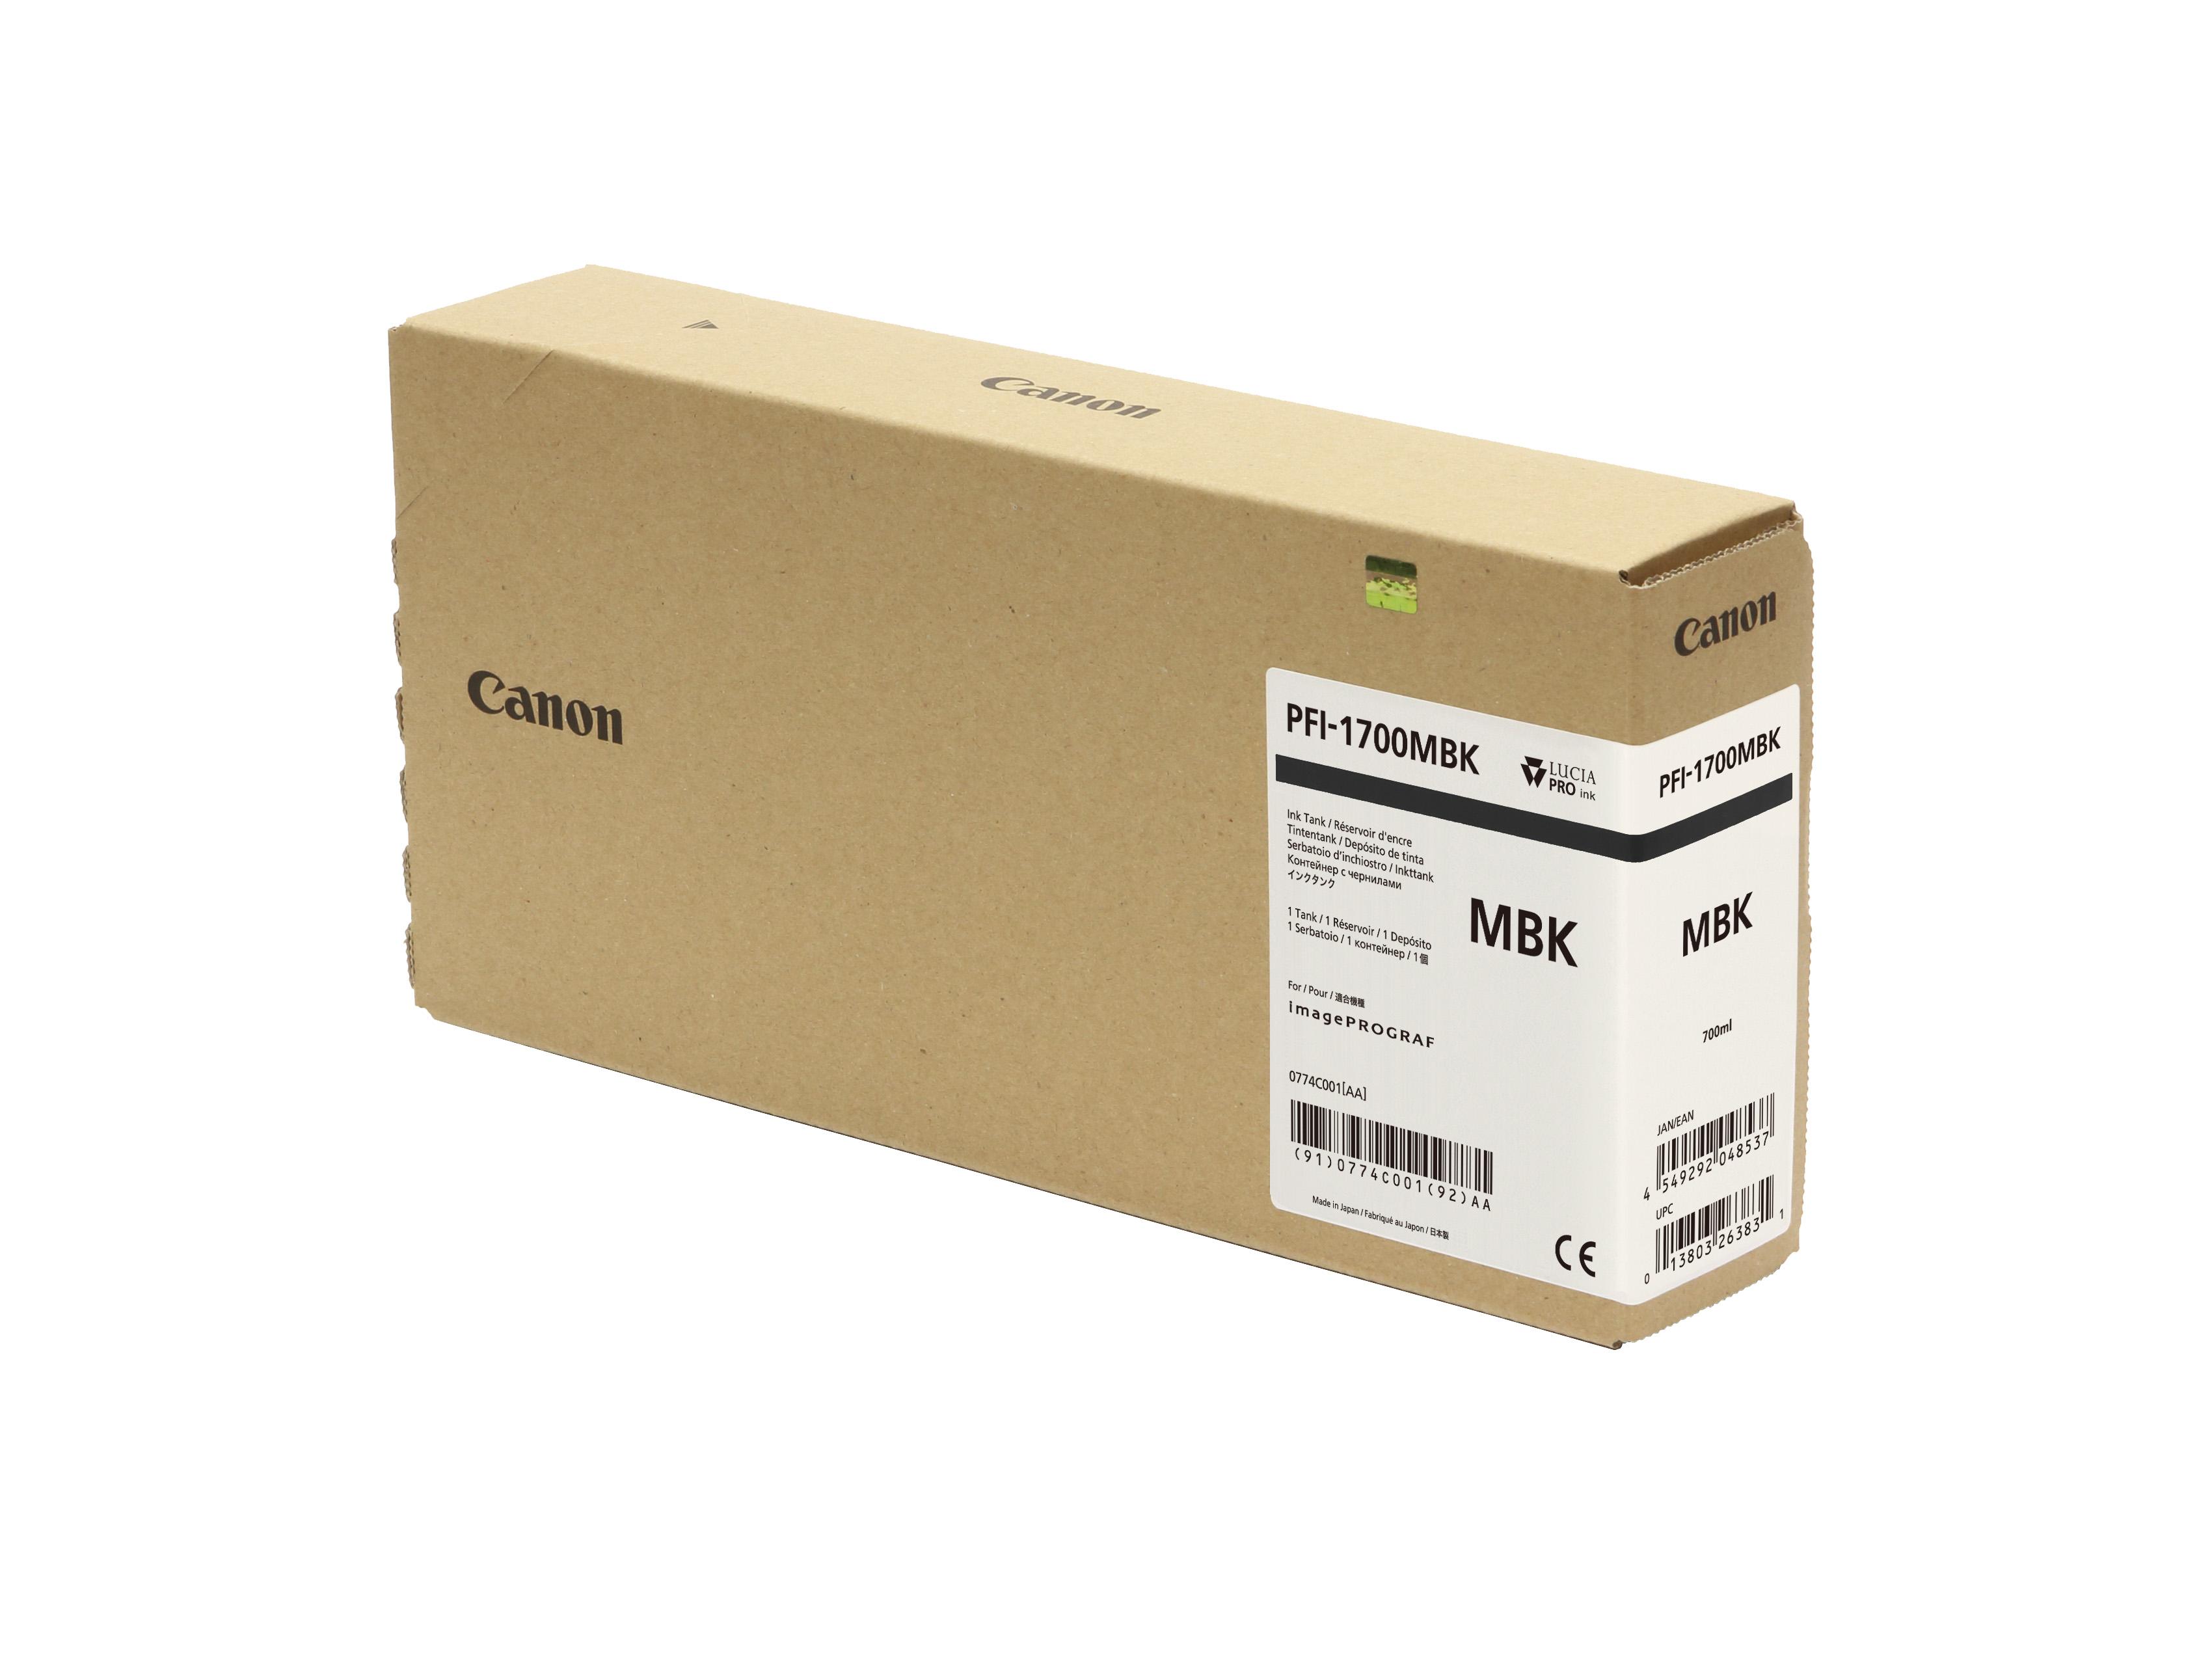 Canon PFI-1700MBK Matte Black Ink Tank - 700ml Cartridge - for Canon PRO-2000, PRO-4000, PRO-4000S & PRO-6000S Printer - 0774C001AA